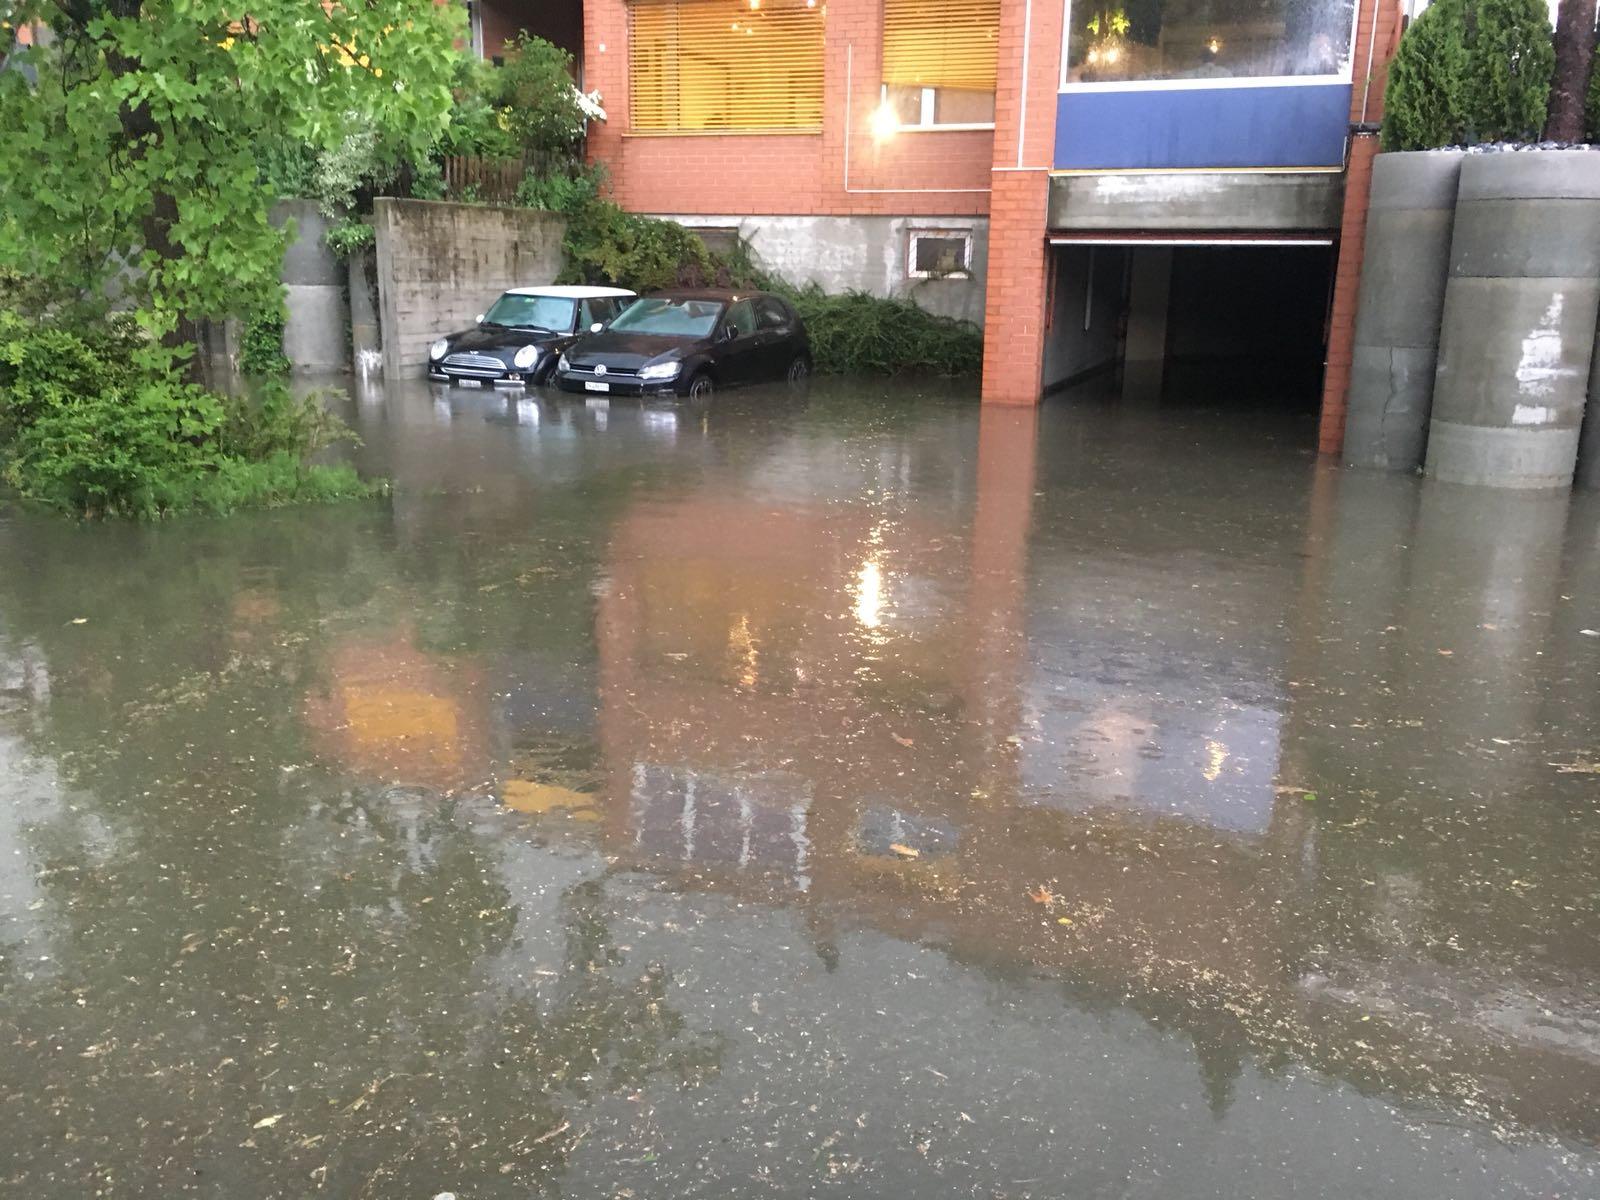 Überflutete Garageneinfahrt (Bild: Private)